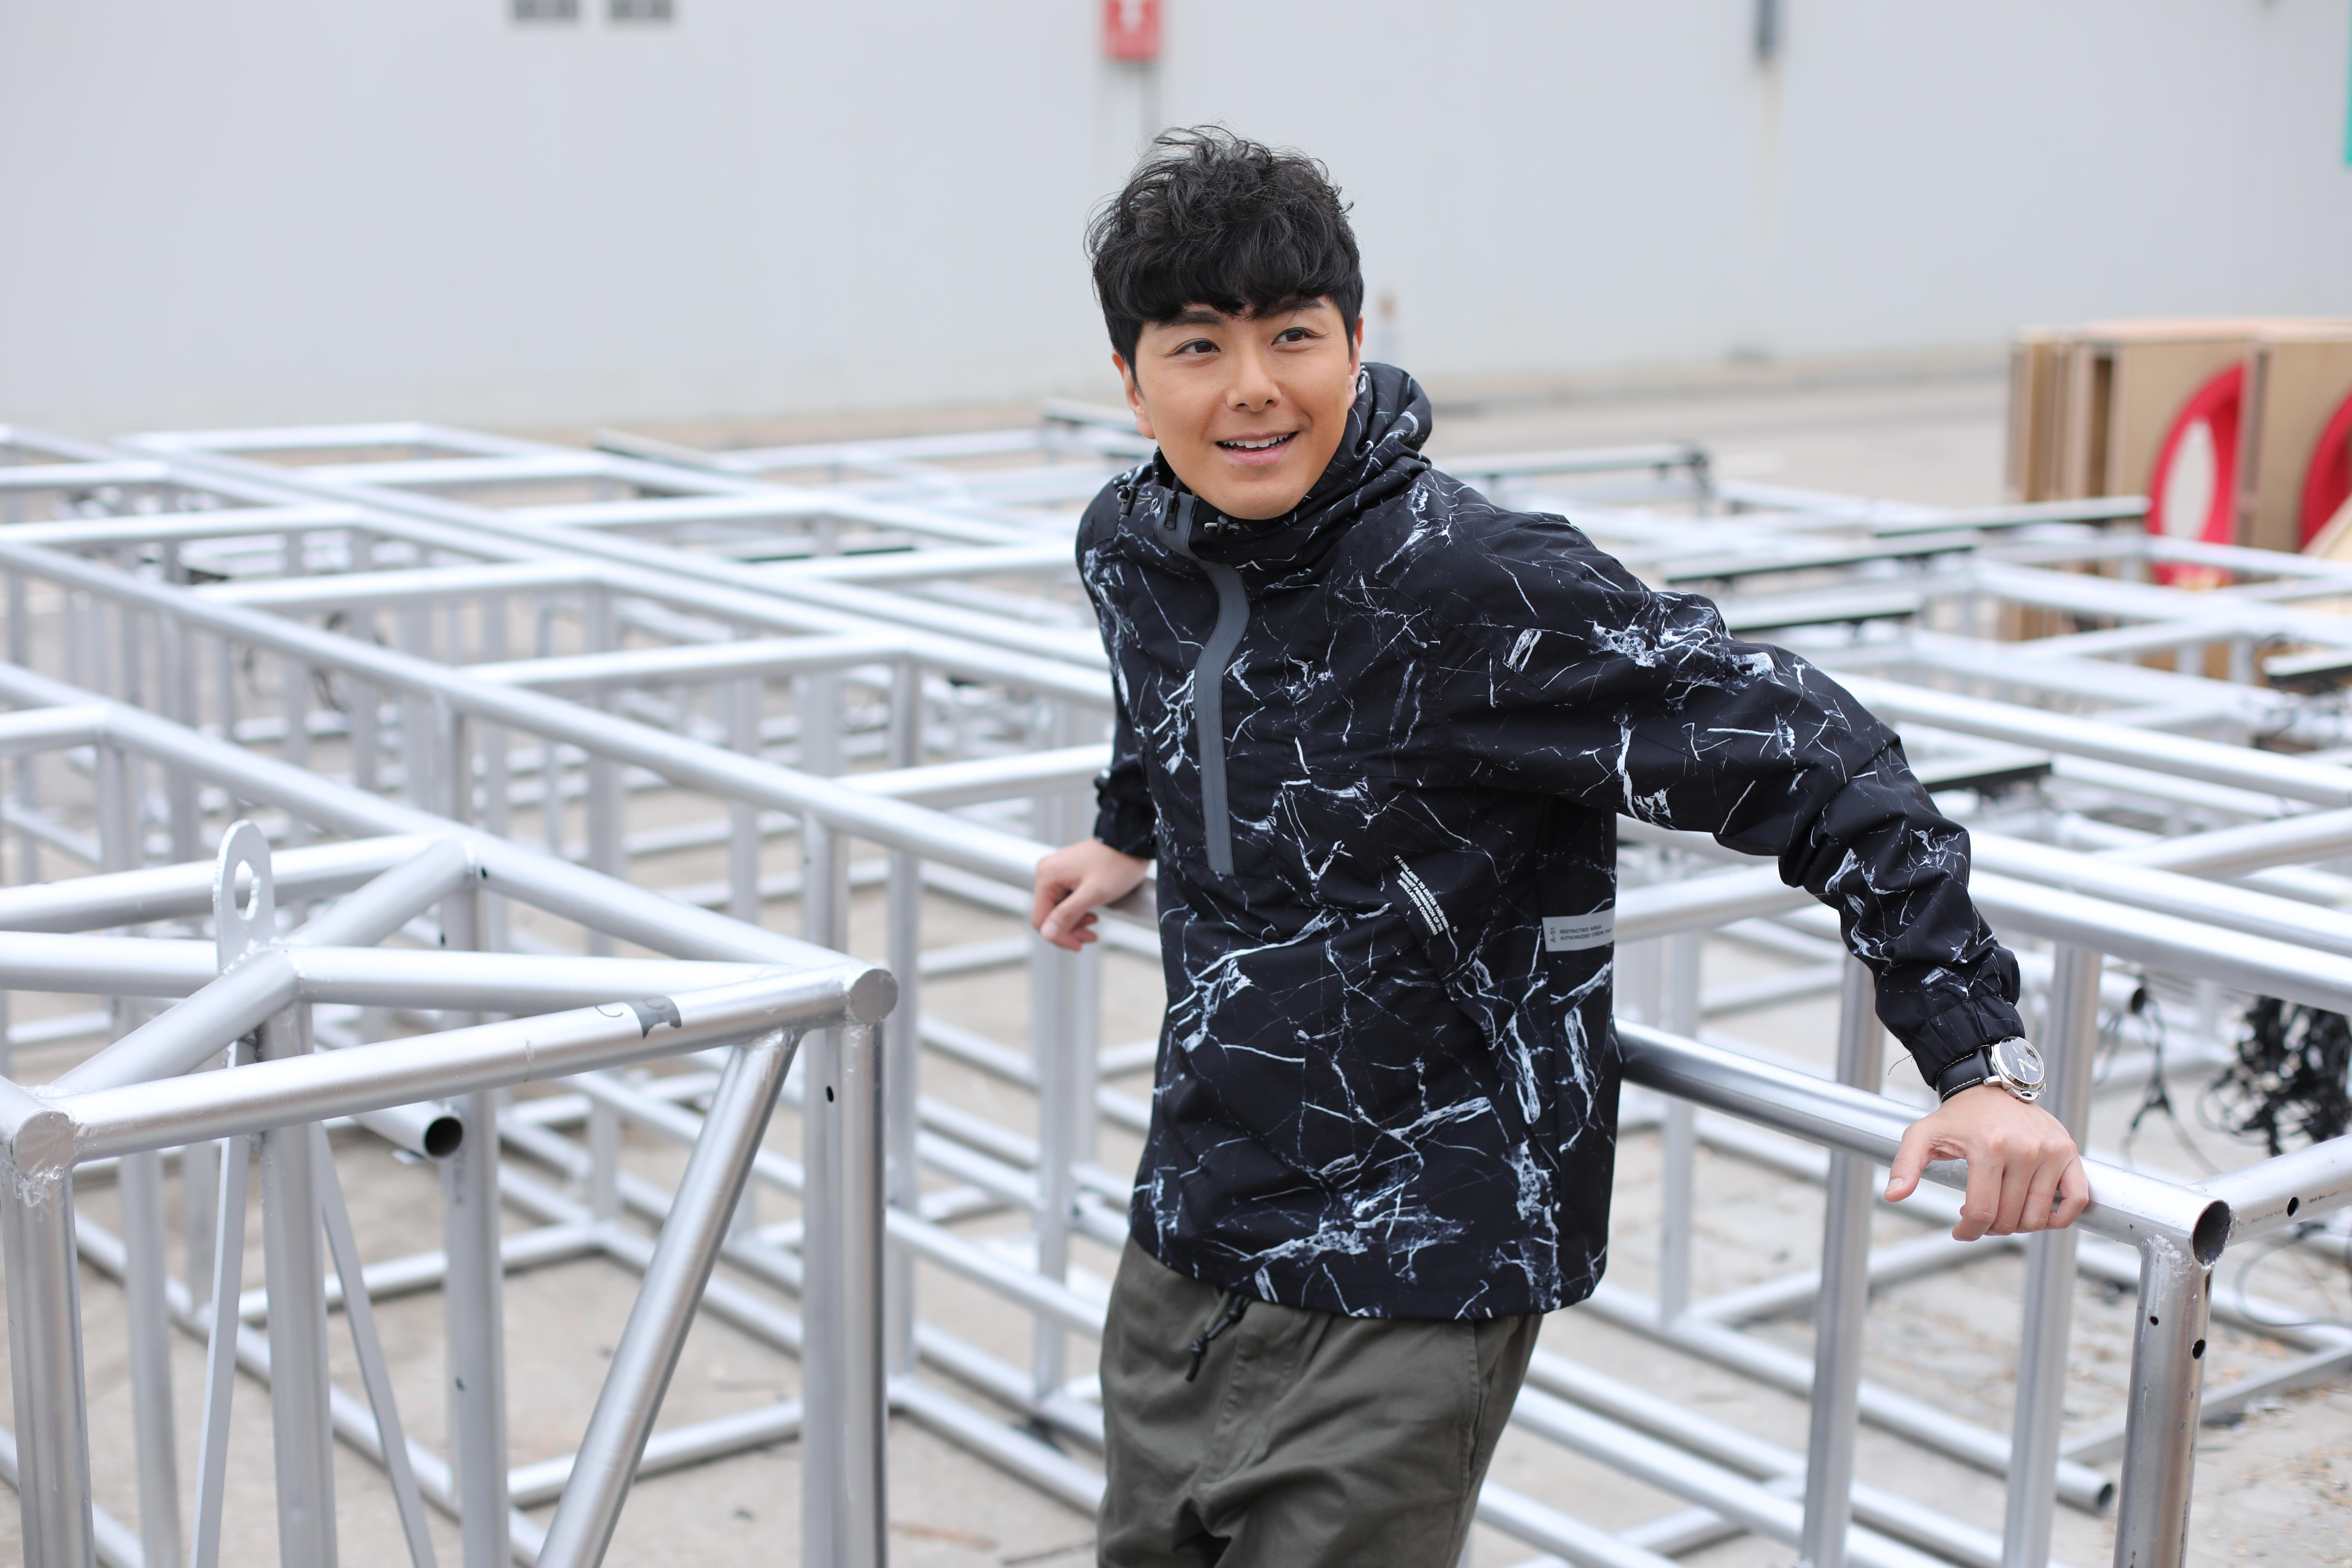 訪問中,蕭正楠一提到翠如BB,他即笑笑口,甜入心。